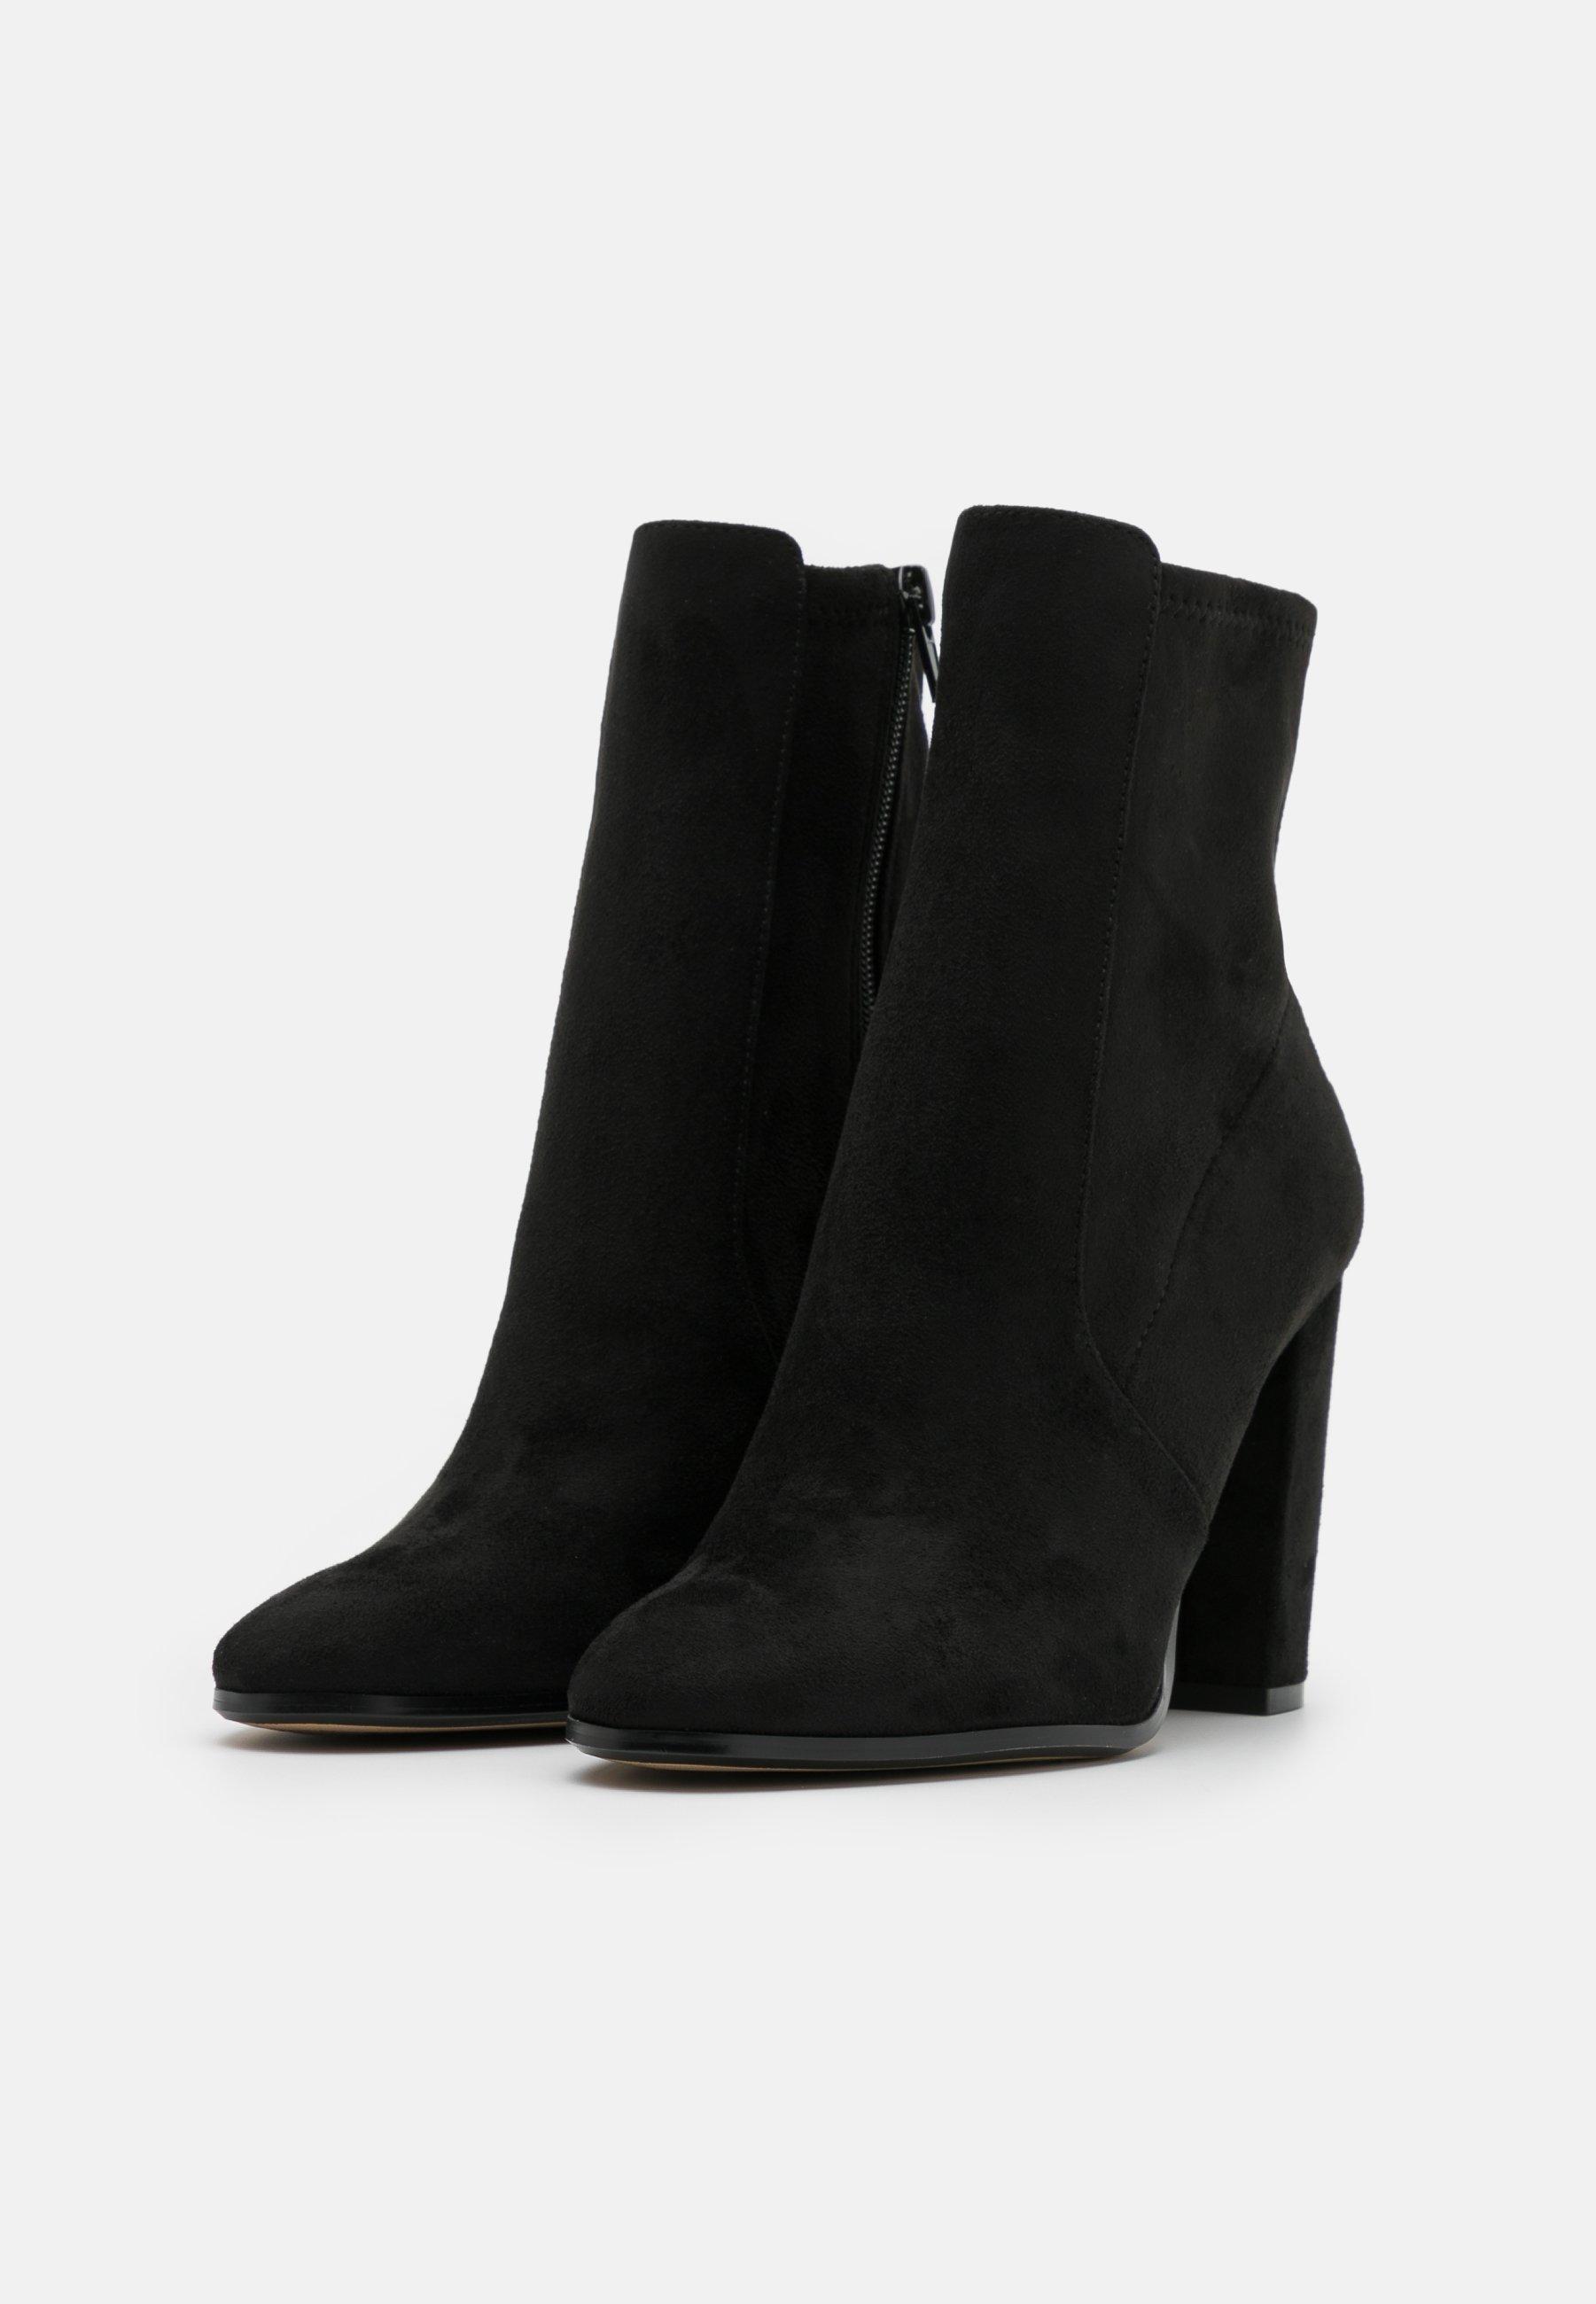 Aldo Aurellieflex - High Heel Stiefelette Black/schwarz